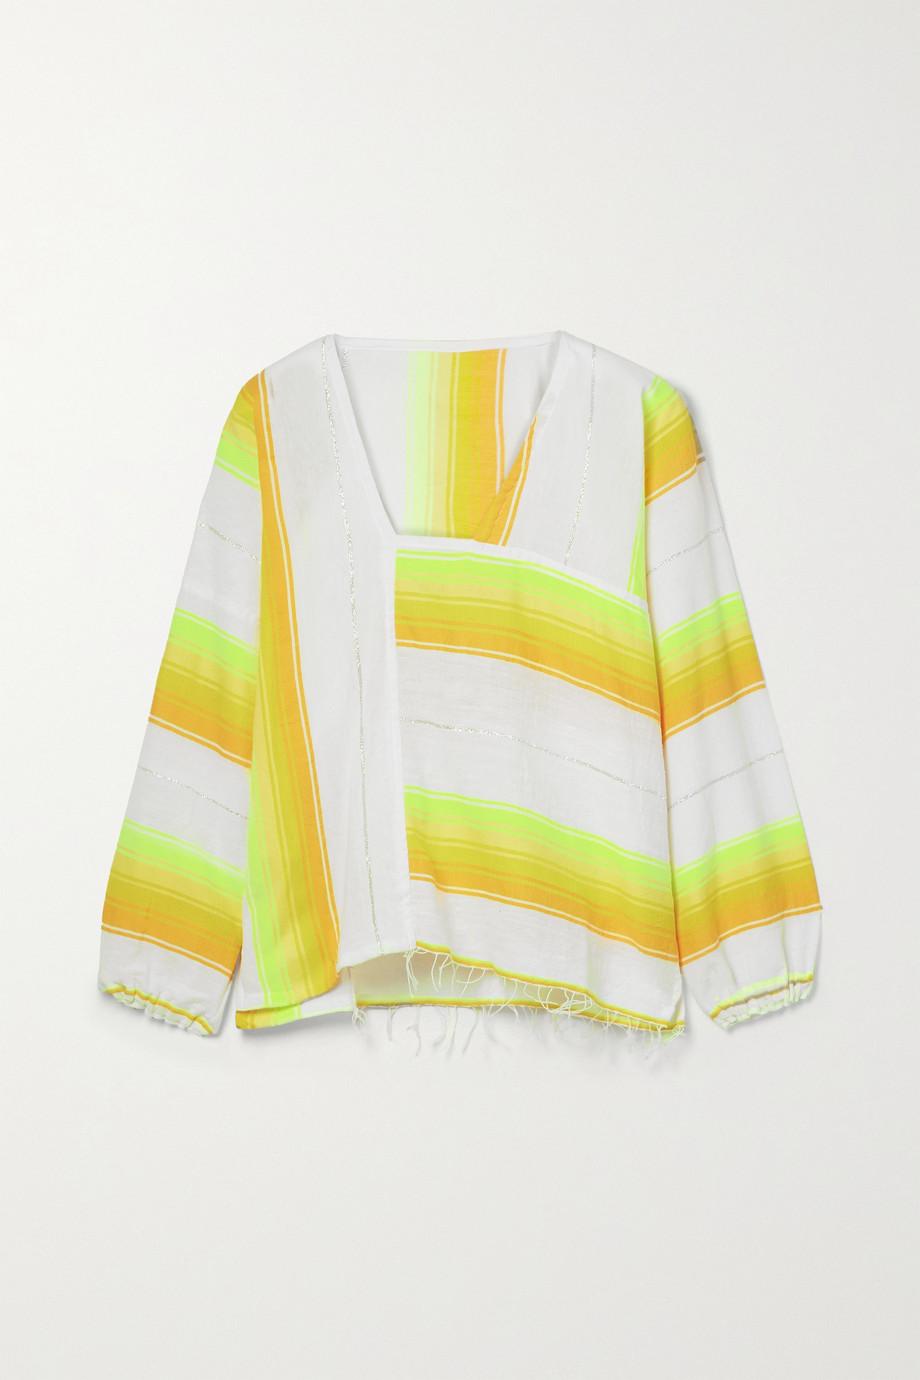 LemLem Mazaa Bluse aus Gaze aus einer Baumwollmischung mit Metallic-Streifen und Fransen